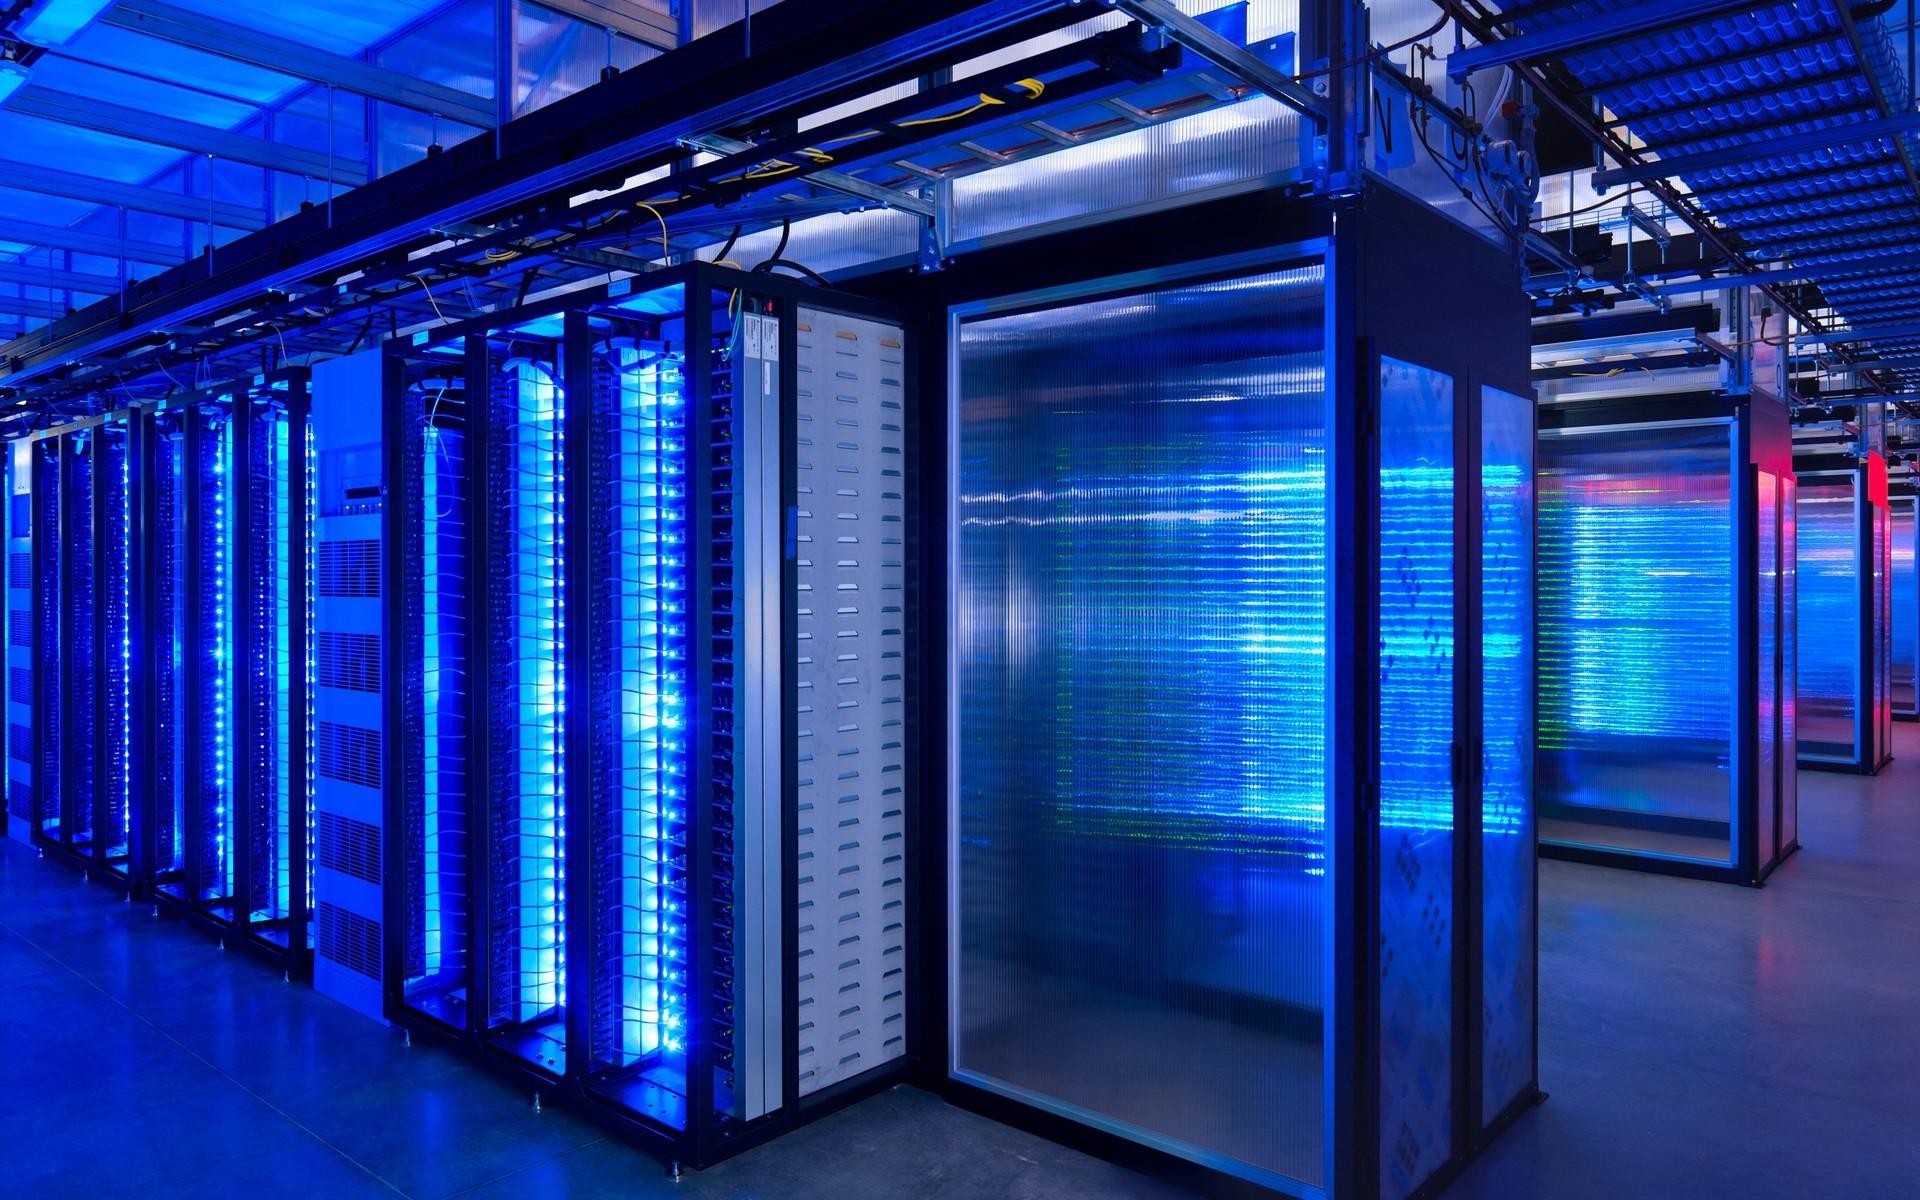 Google Data Center Computer Wallpapers, Desktop Backgrounds .